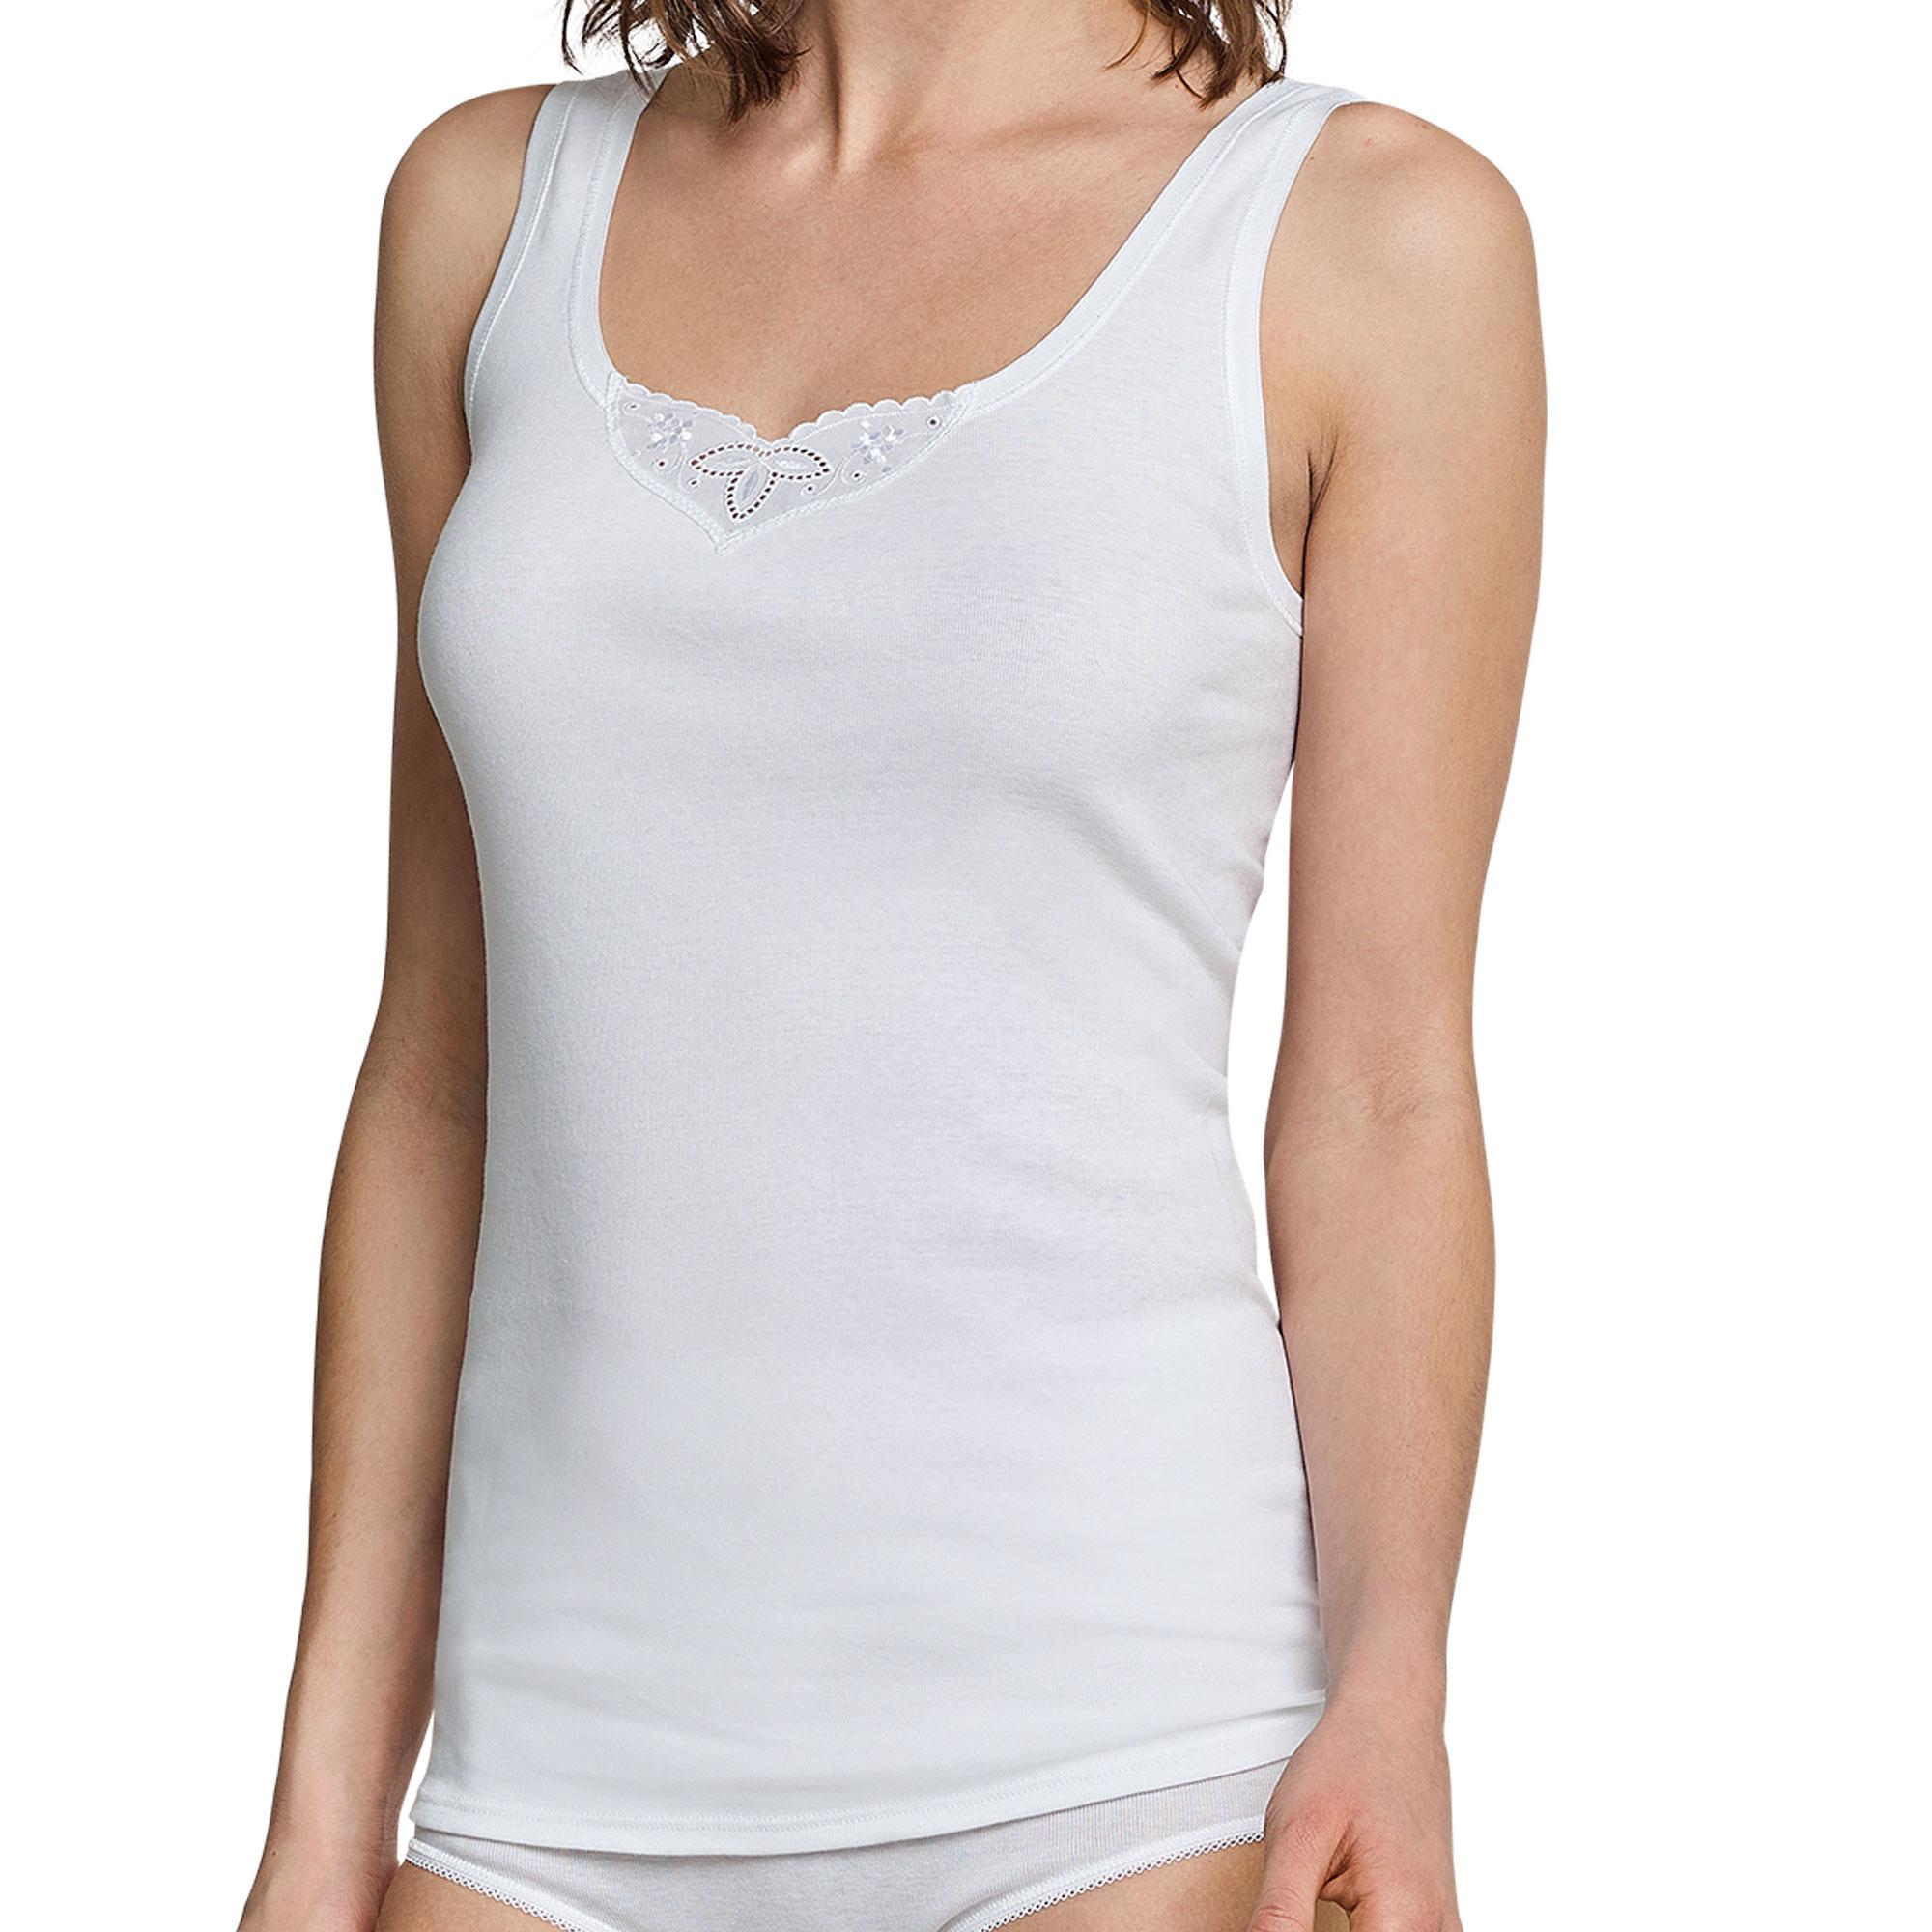 4er Pack Schiesser Damen Trägertops, Tops mit Stickerei, Unterhemden Unterwäsche – Bild 7